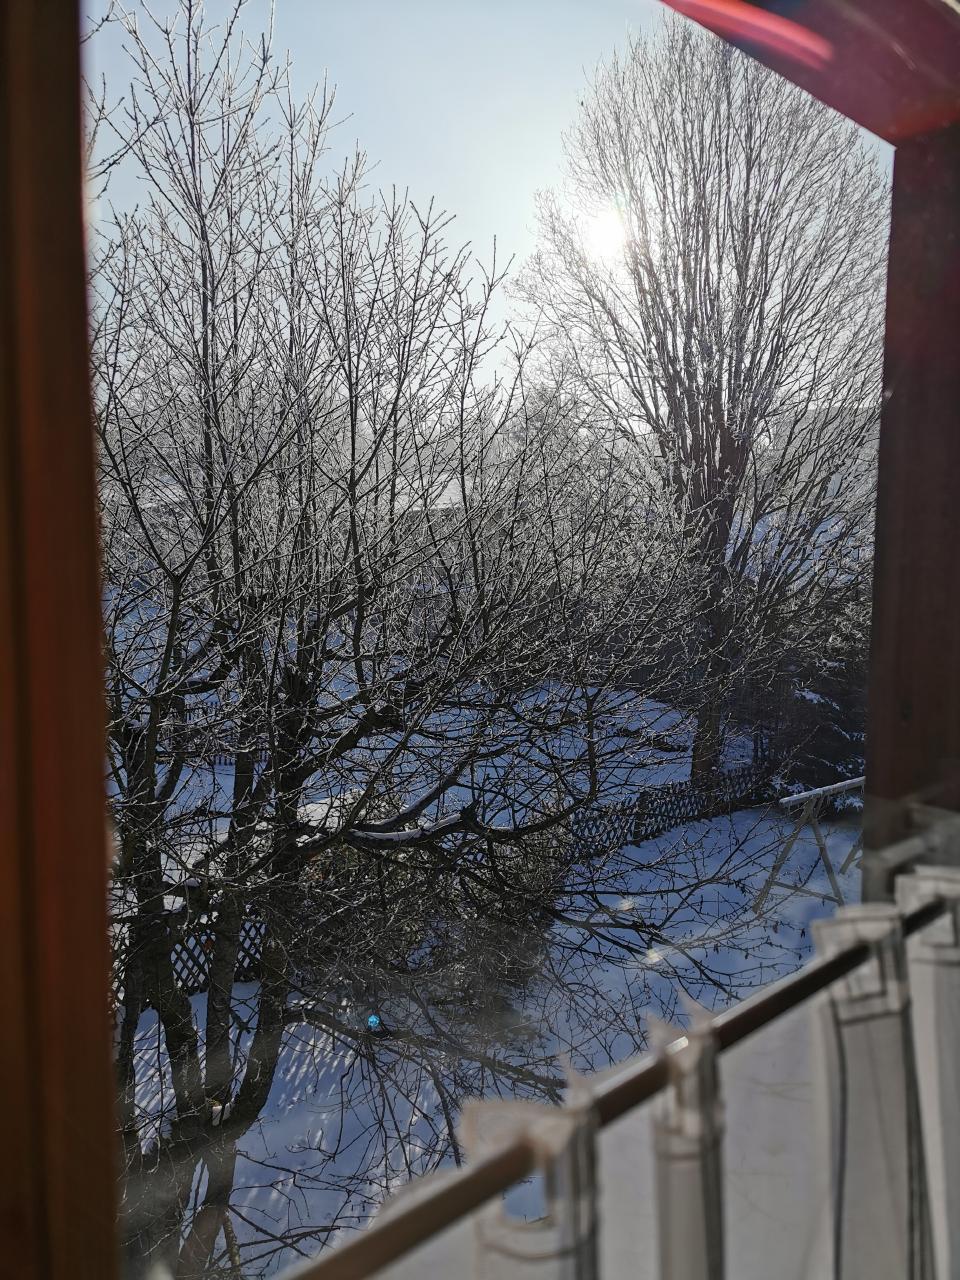 Ferienwohnung Haus Haidweg Wohnung 5 - 3 Zimmer, ca. 90 m² für 2-6 Personen im Dachgeschoss mit Balkon u (238755), Haidmühle, Bayerischer Wald, Bayern, Deutschland, Bild 16